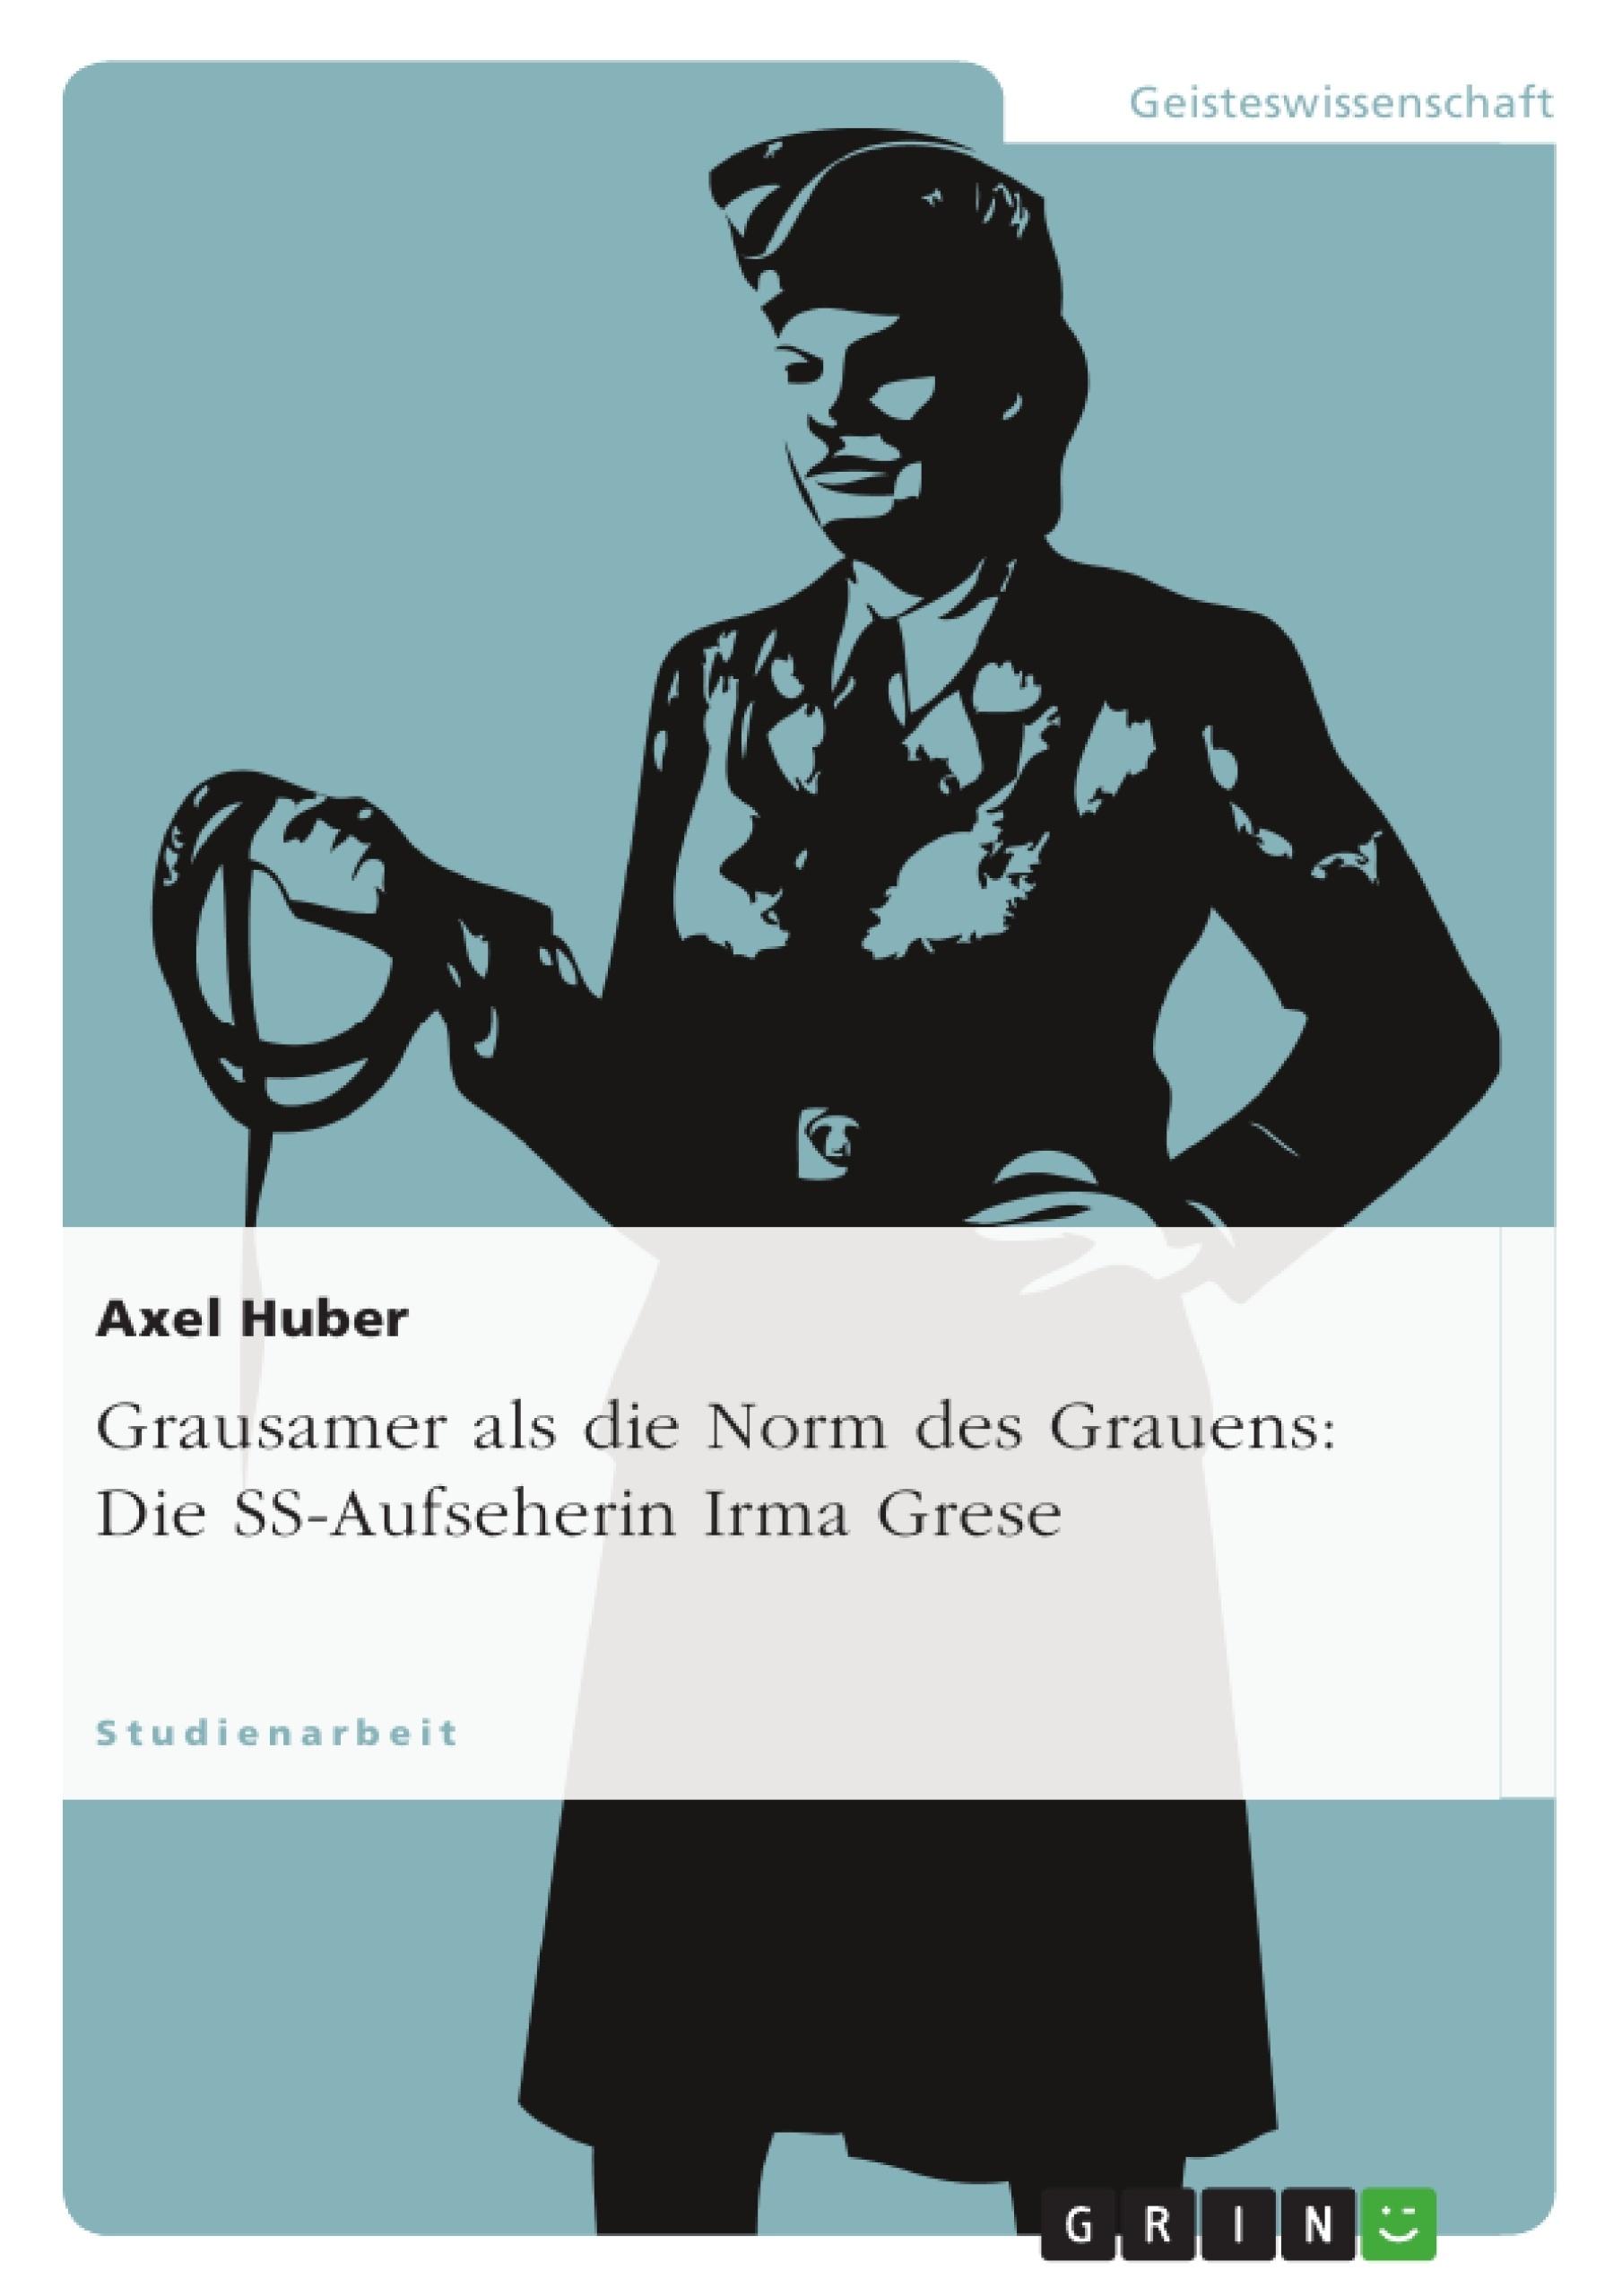 Titel: Grausamer als die Norm des Grauens: Die SS-Aufseherin Irma Grese